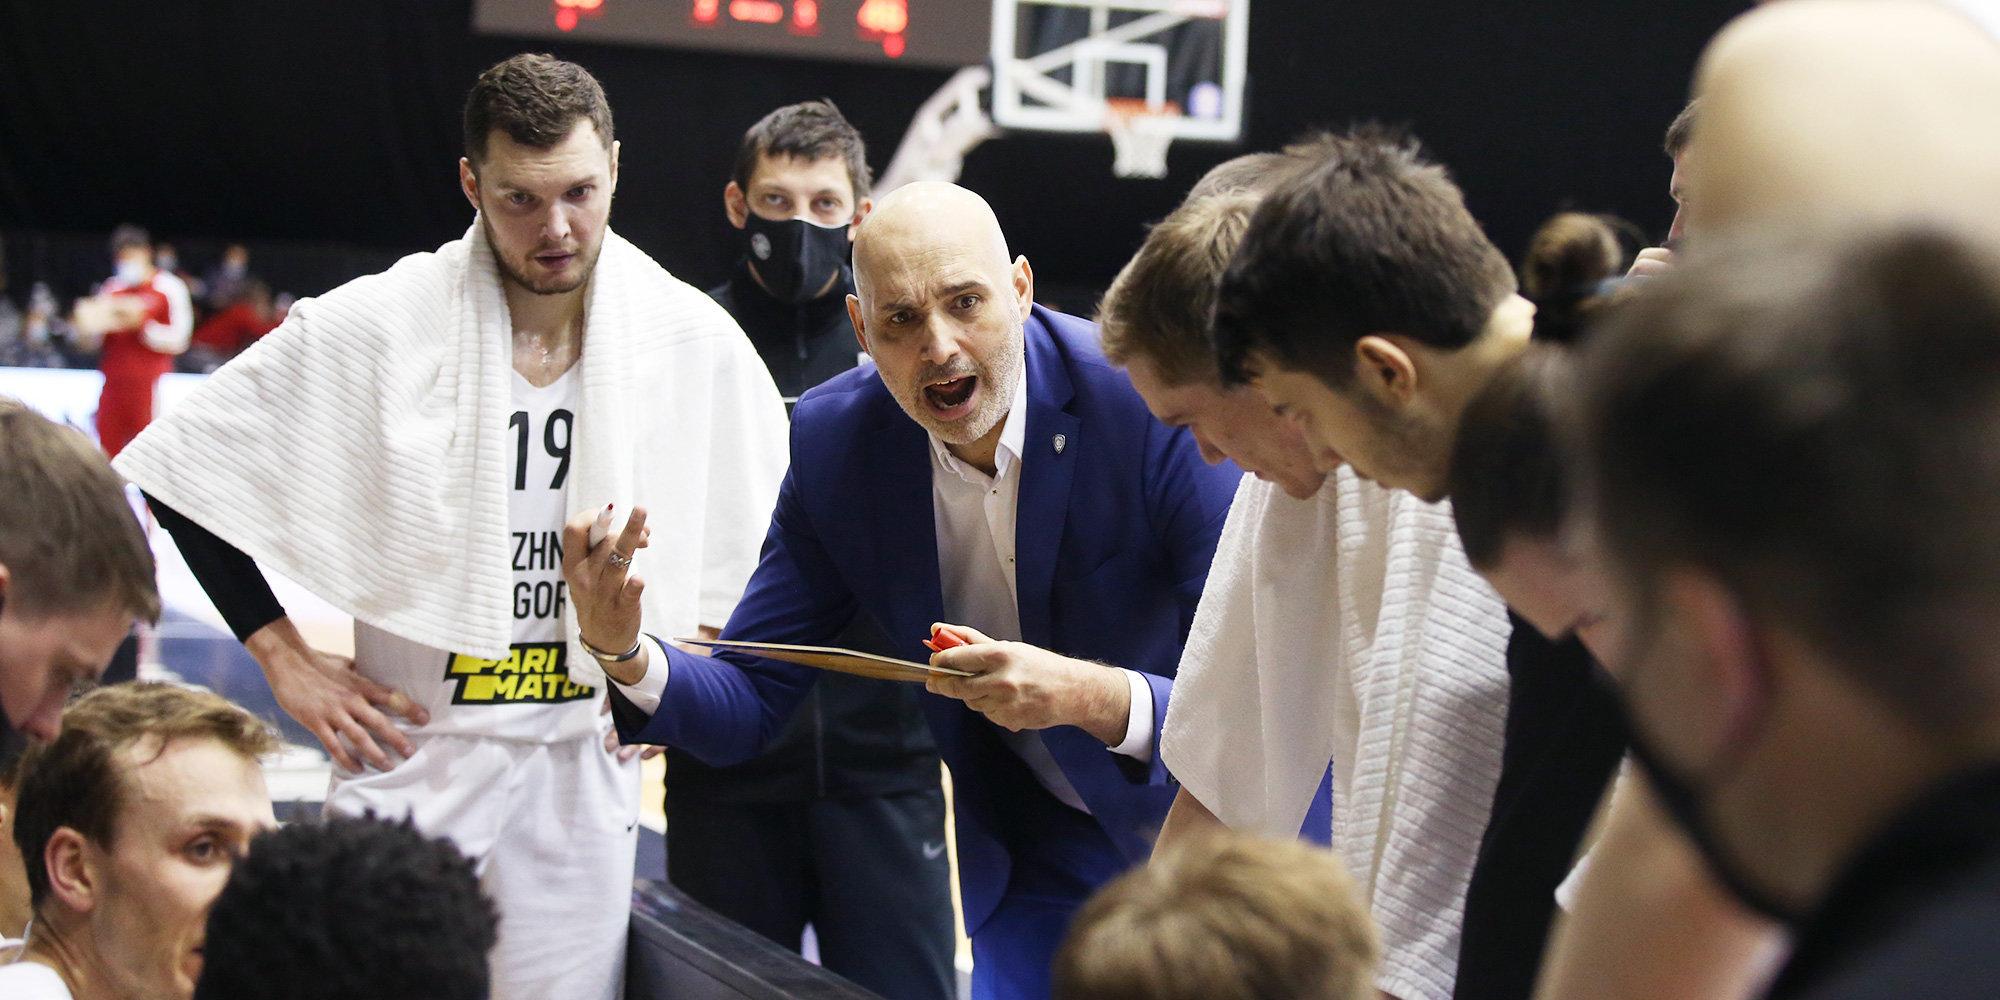 Матч «Нижнего Новгорода» в Лиге чемпионов перенесен из-за коронавируса